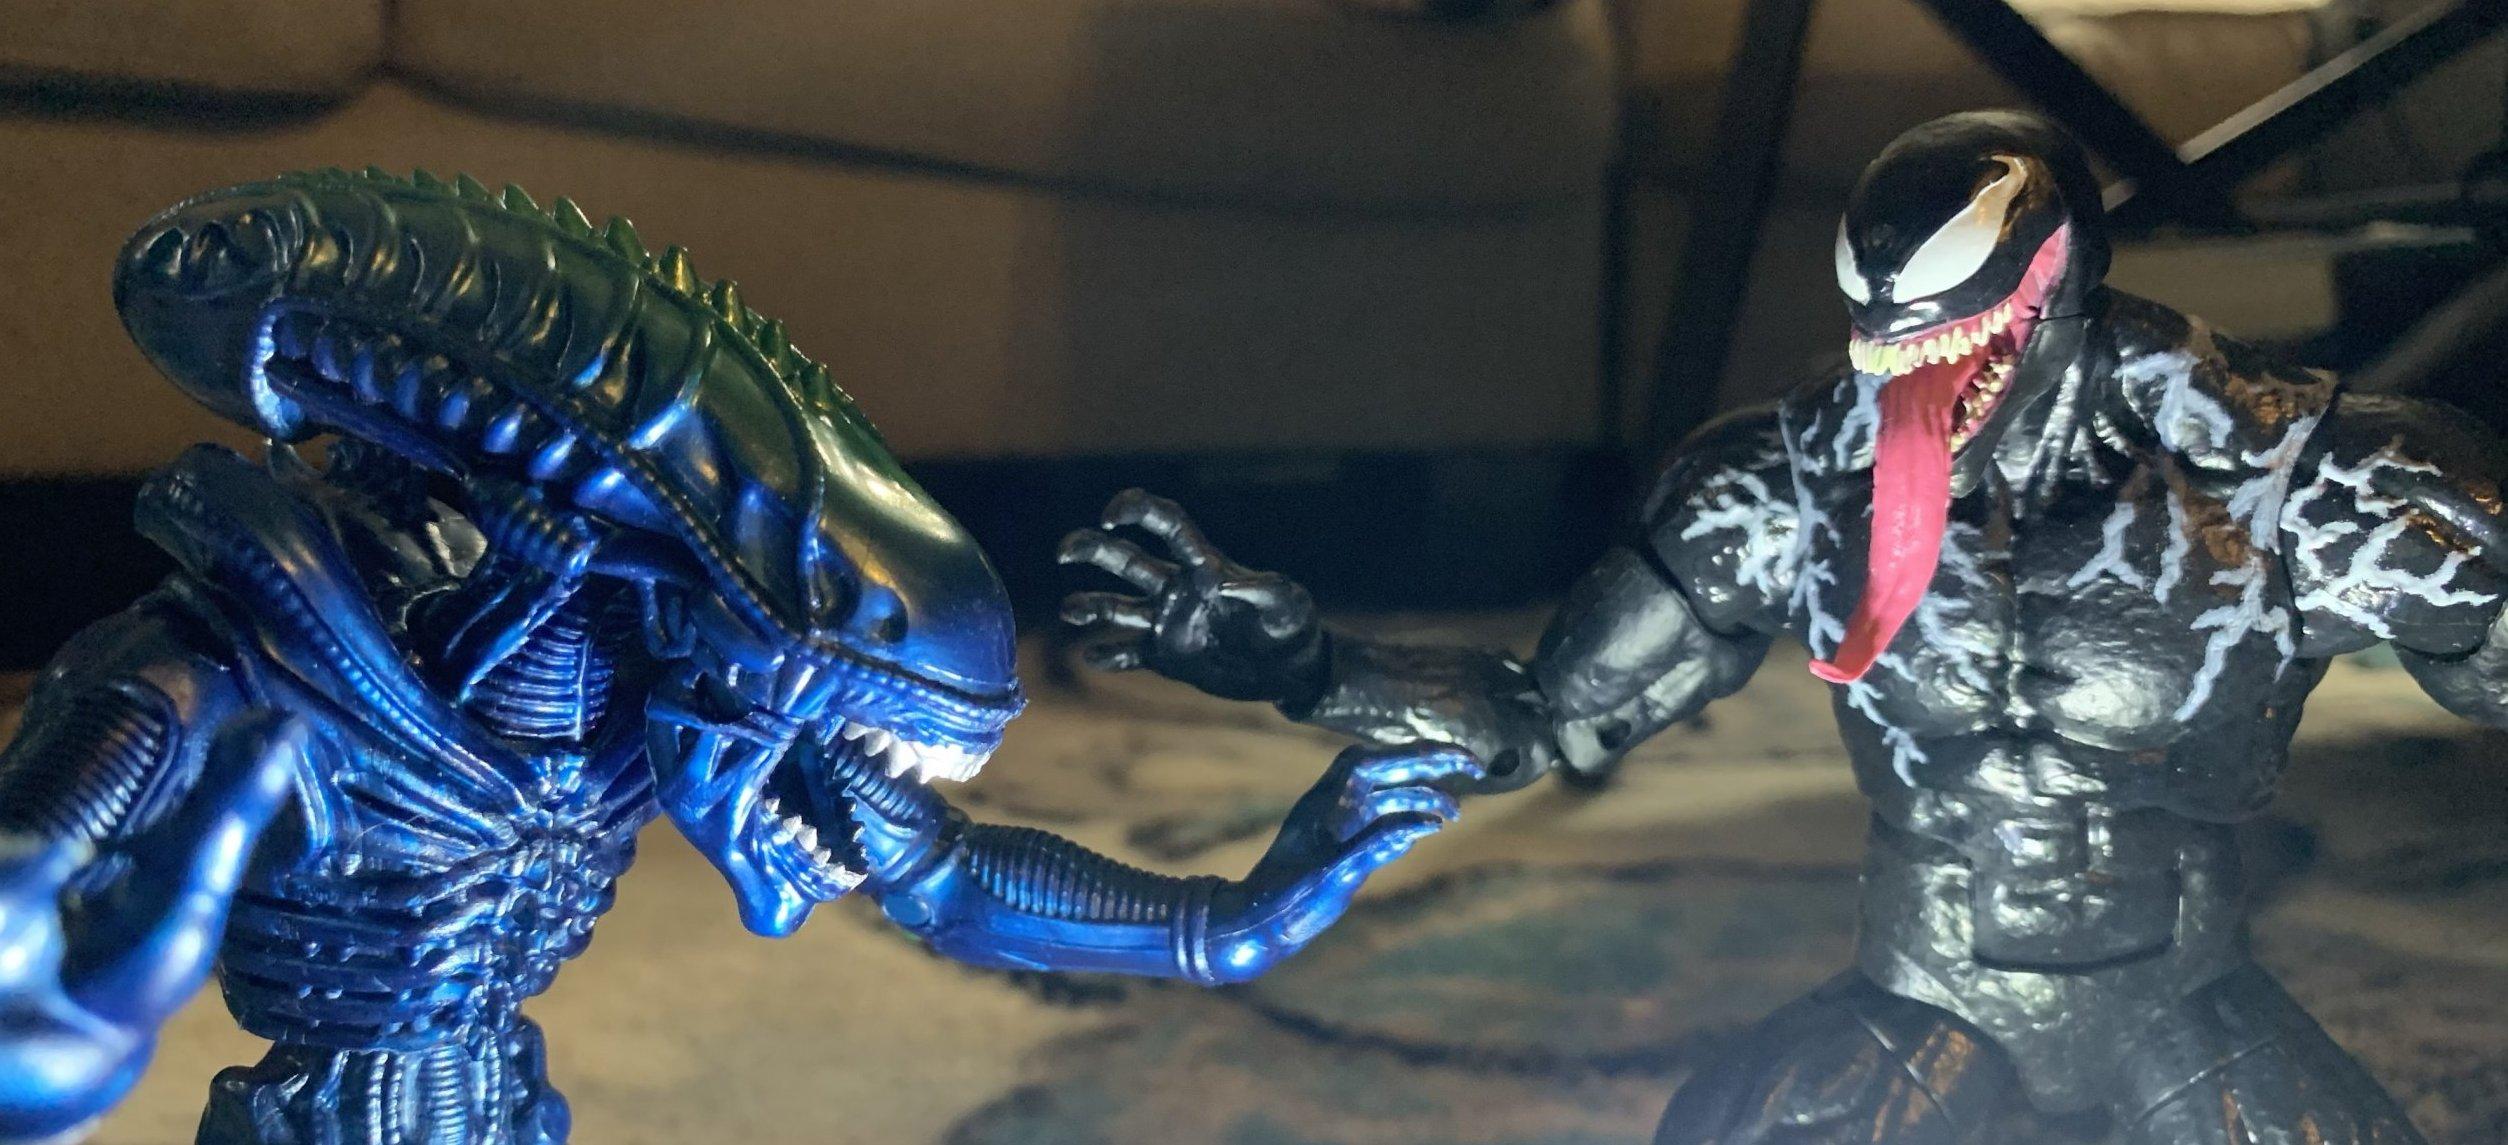 Lanard Toys Alien Warrior Xeno and Hasbro Marvel Legends Venom